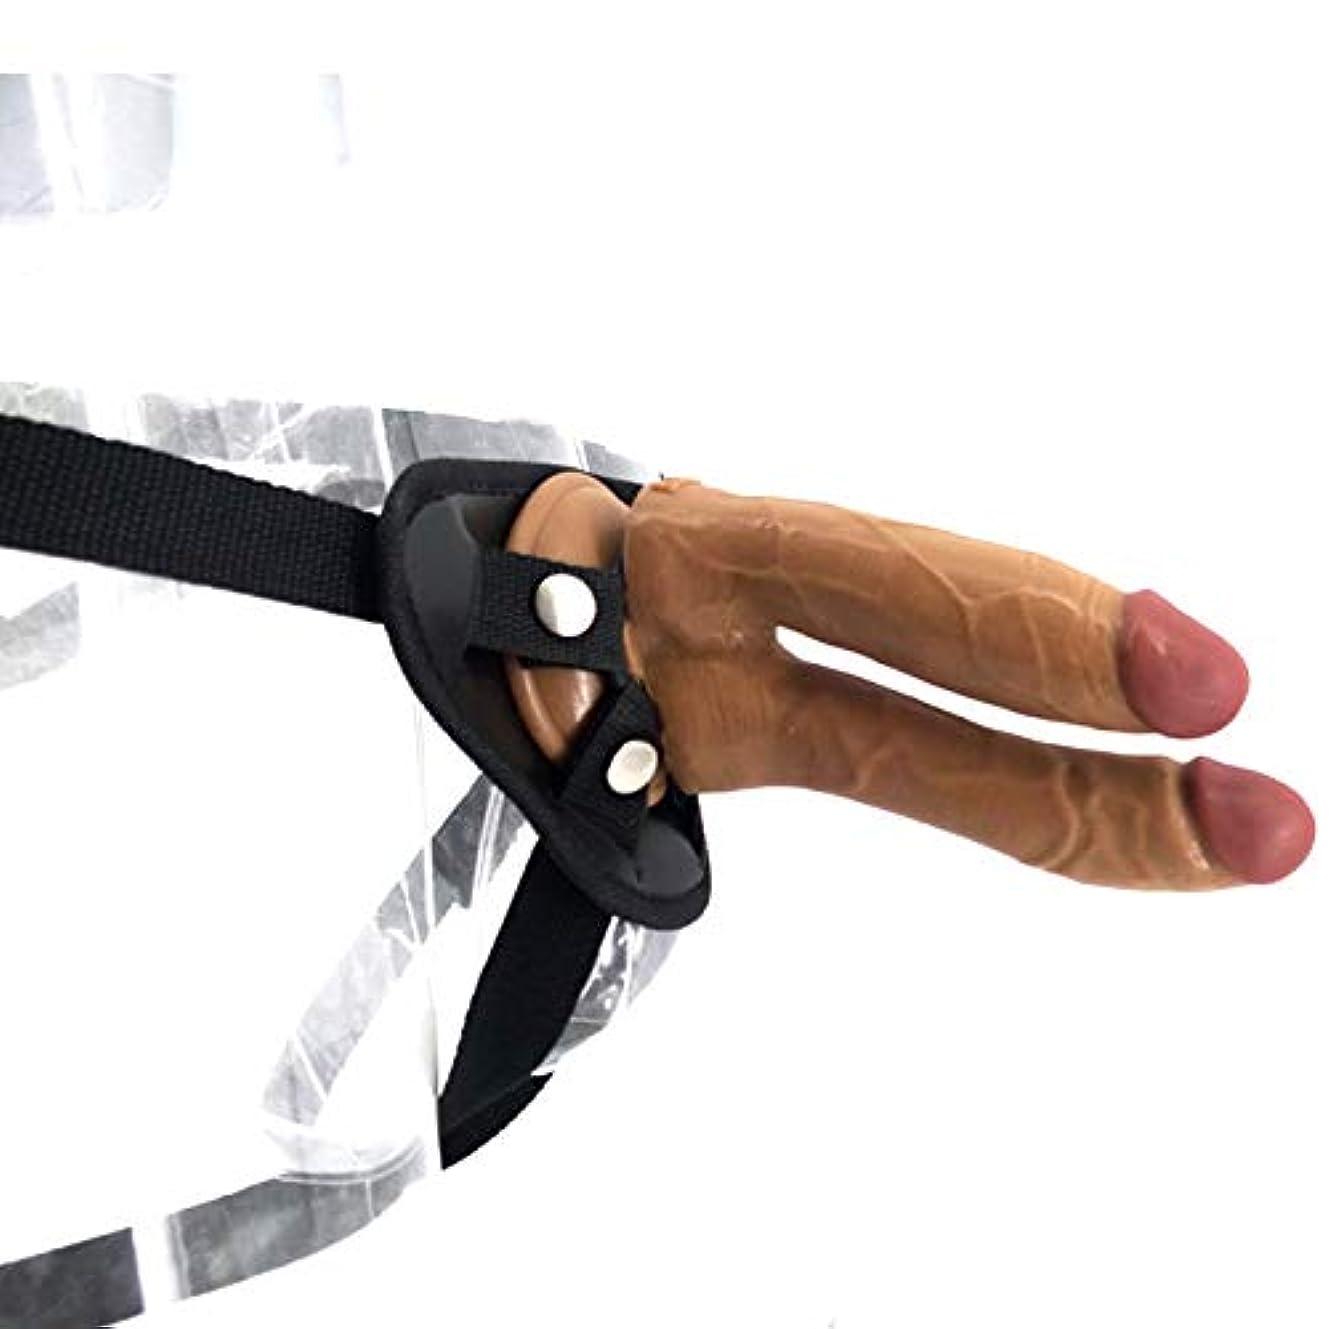 ストレッチレジデンス屋内でKGJJHYBGTOY ソフトワンド - セックスの役割は、静かな玩具を再生するためのストラップǒn RELAX MASSAGE BODY